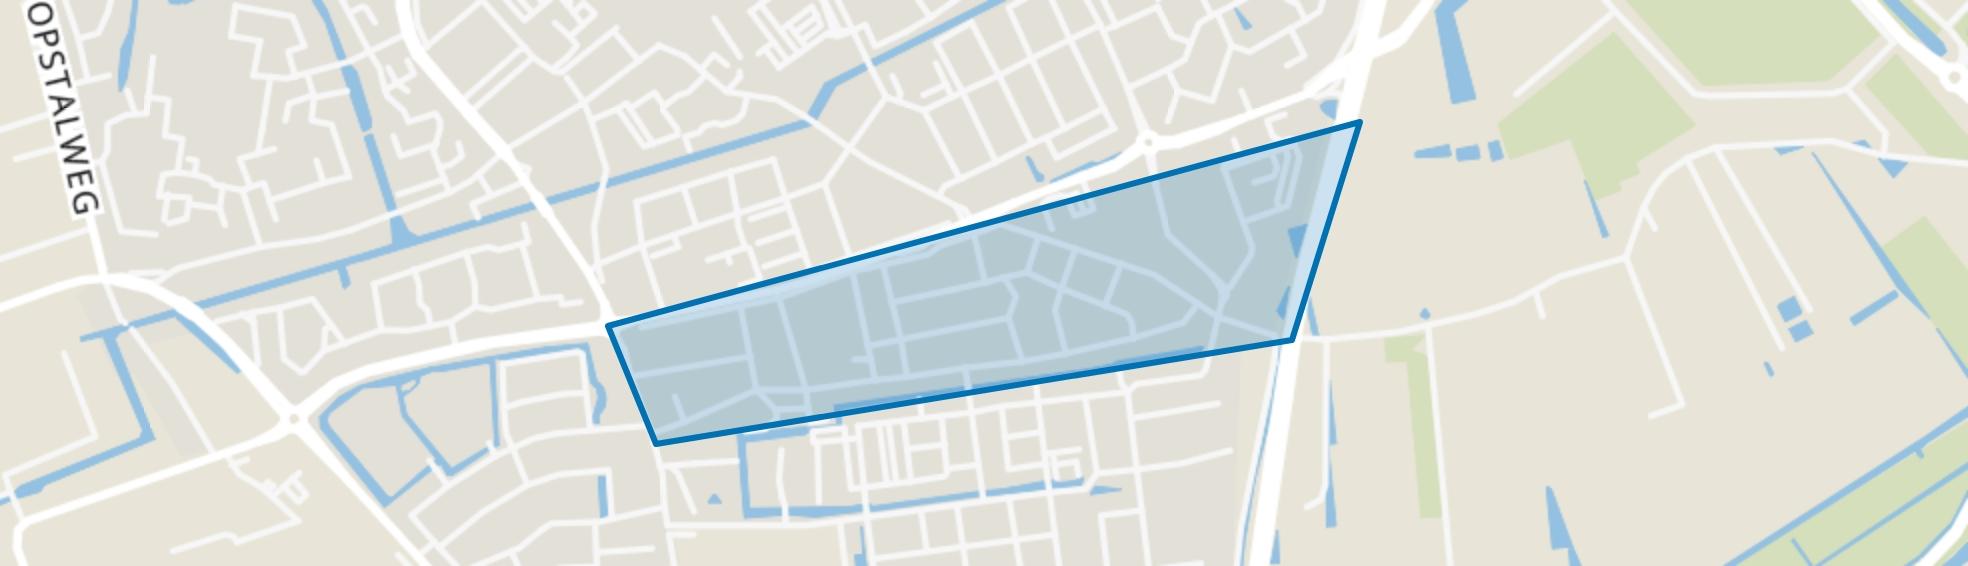 Kruisbroek, Naaldwijk map